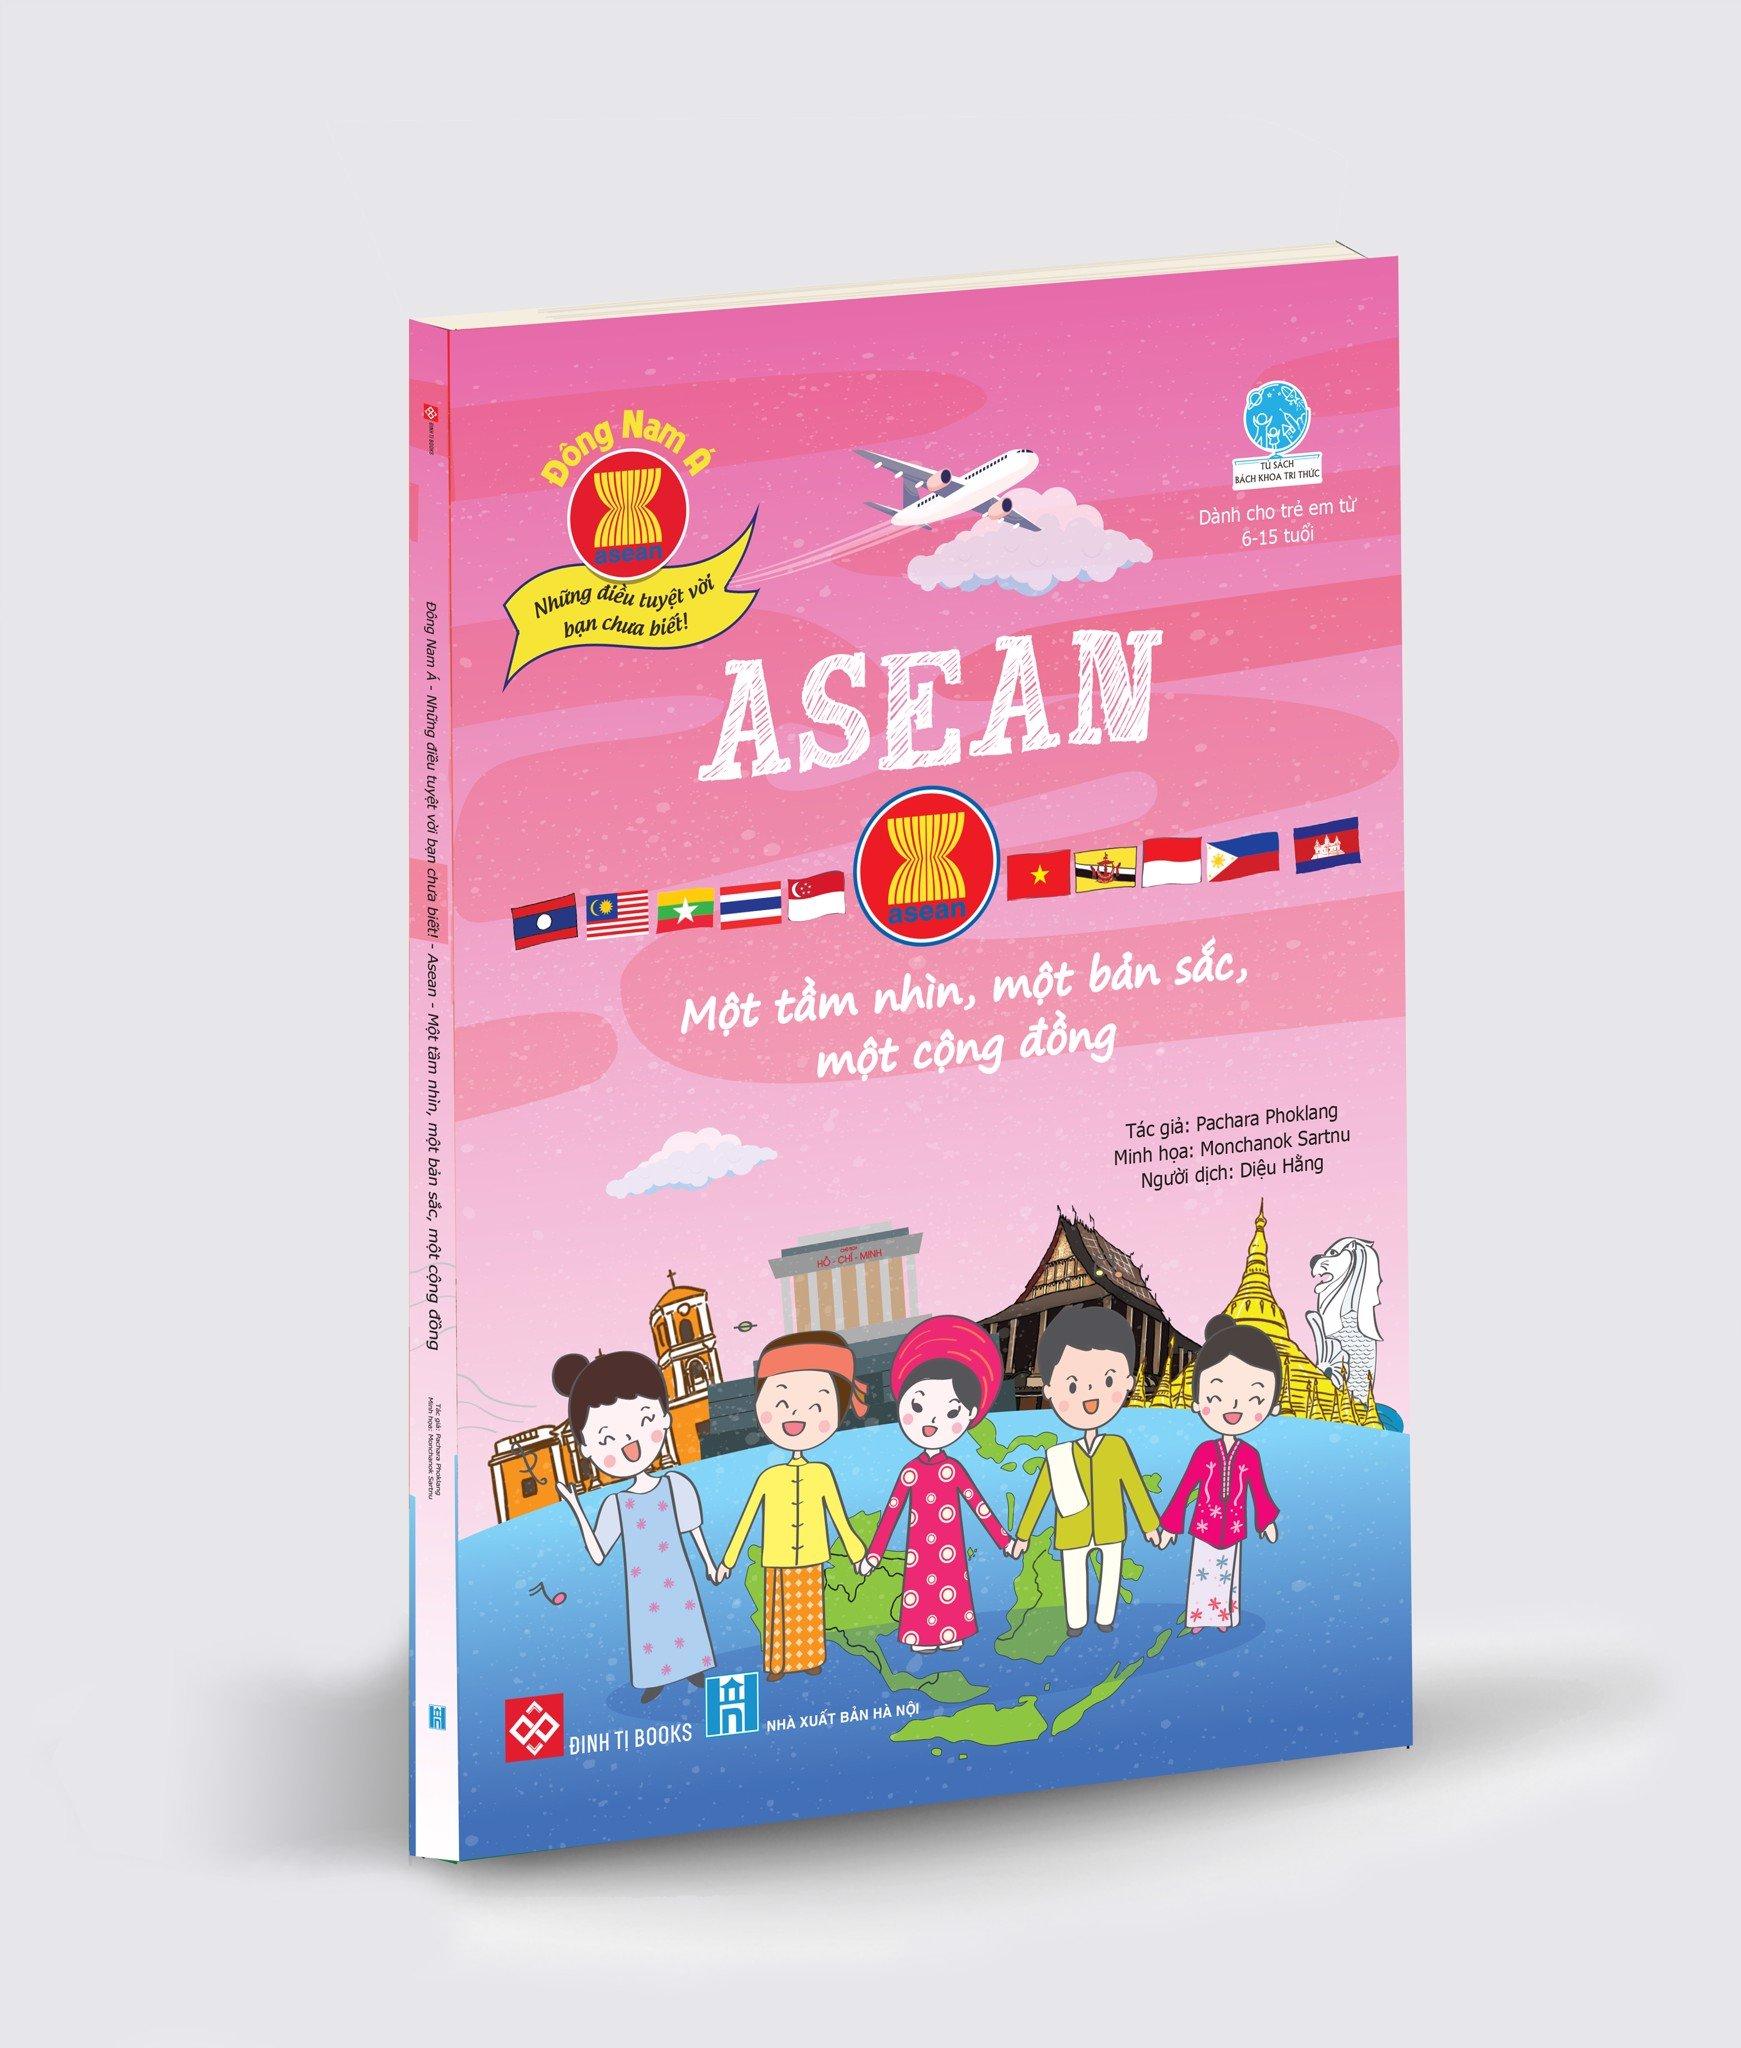 Đông Nam Á - Những điều tuyệt vời bạn chưa biết: ASEAN - Một tầm nhìn, một bản sắc, một cộng đồng…